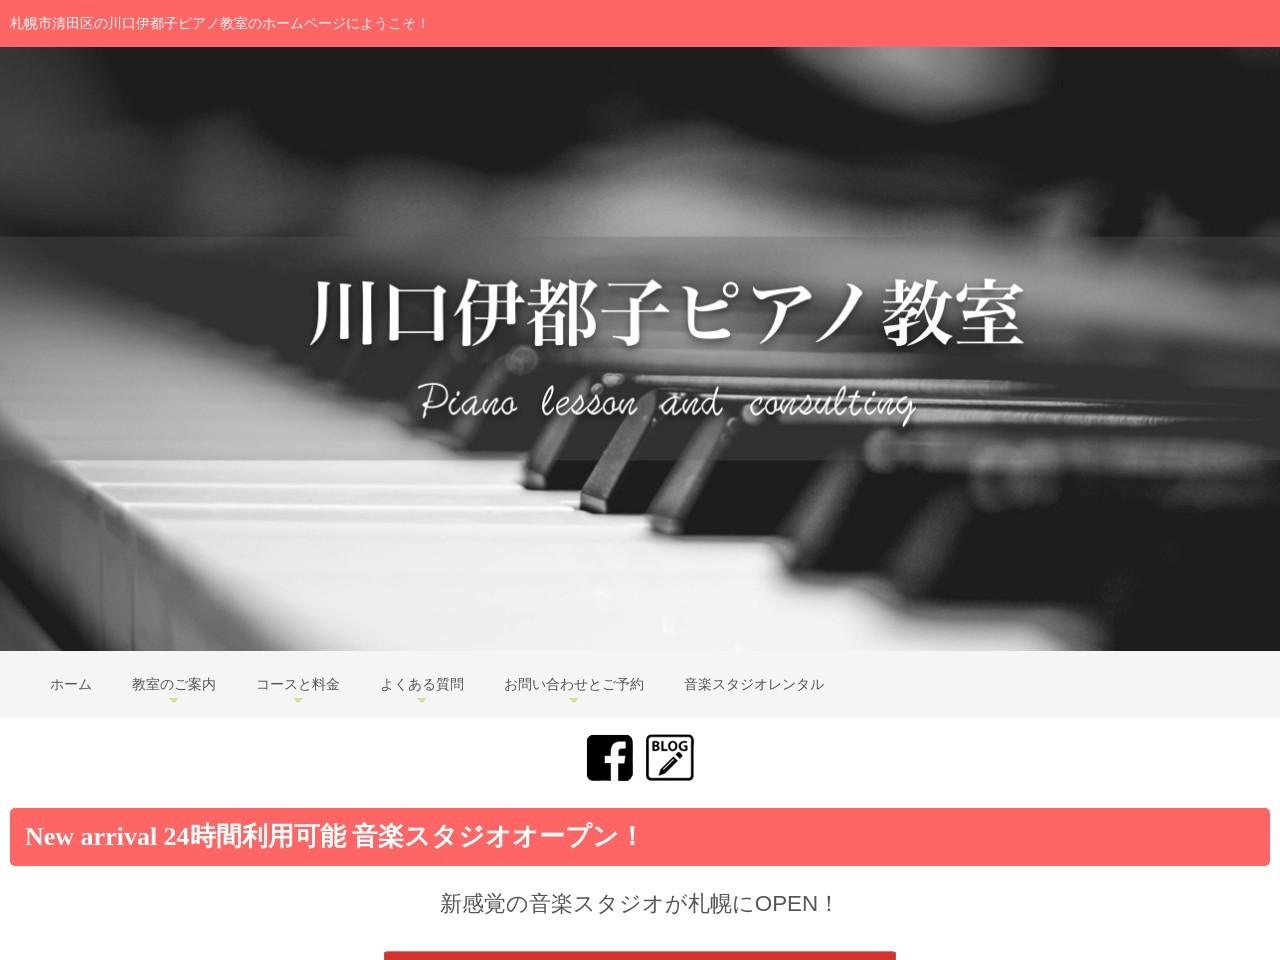 川口伊都子ピアノ教室のサムネイル